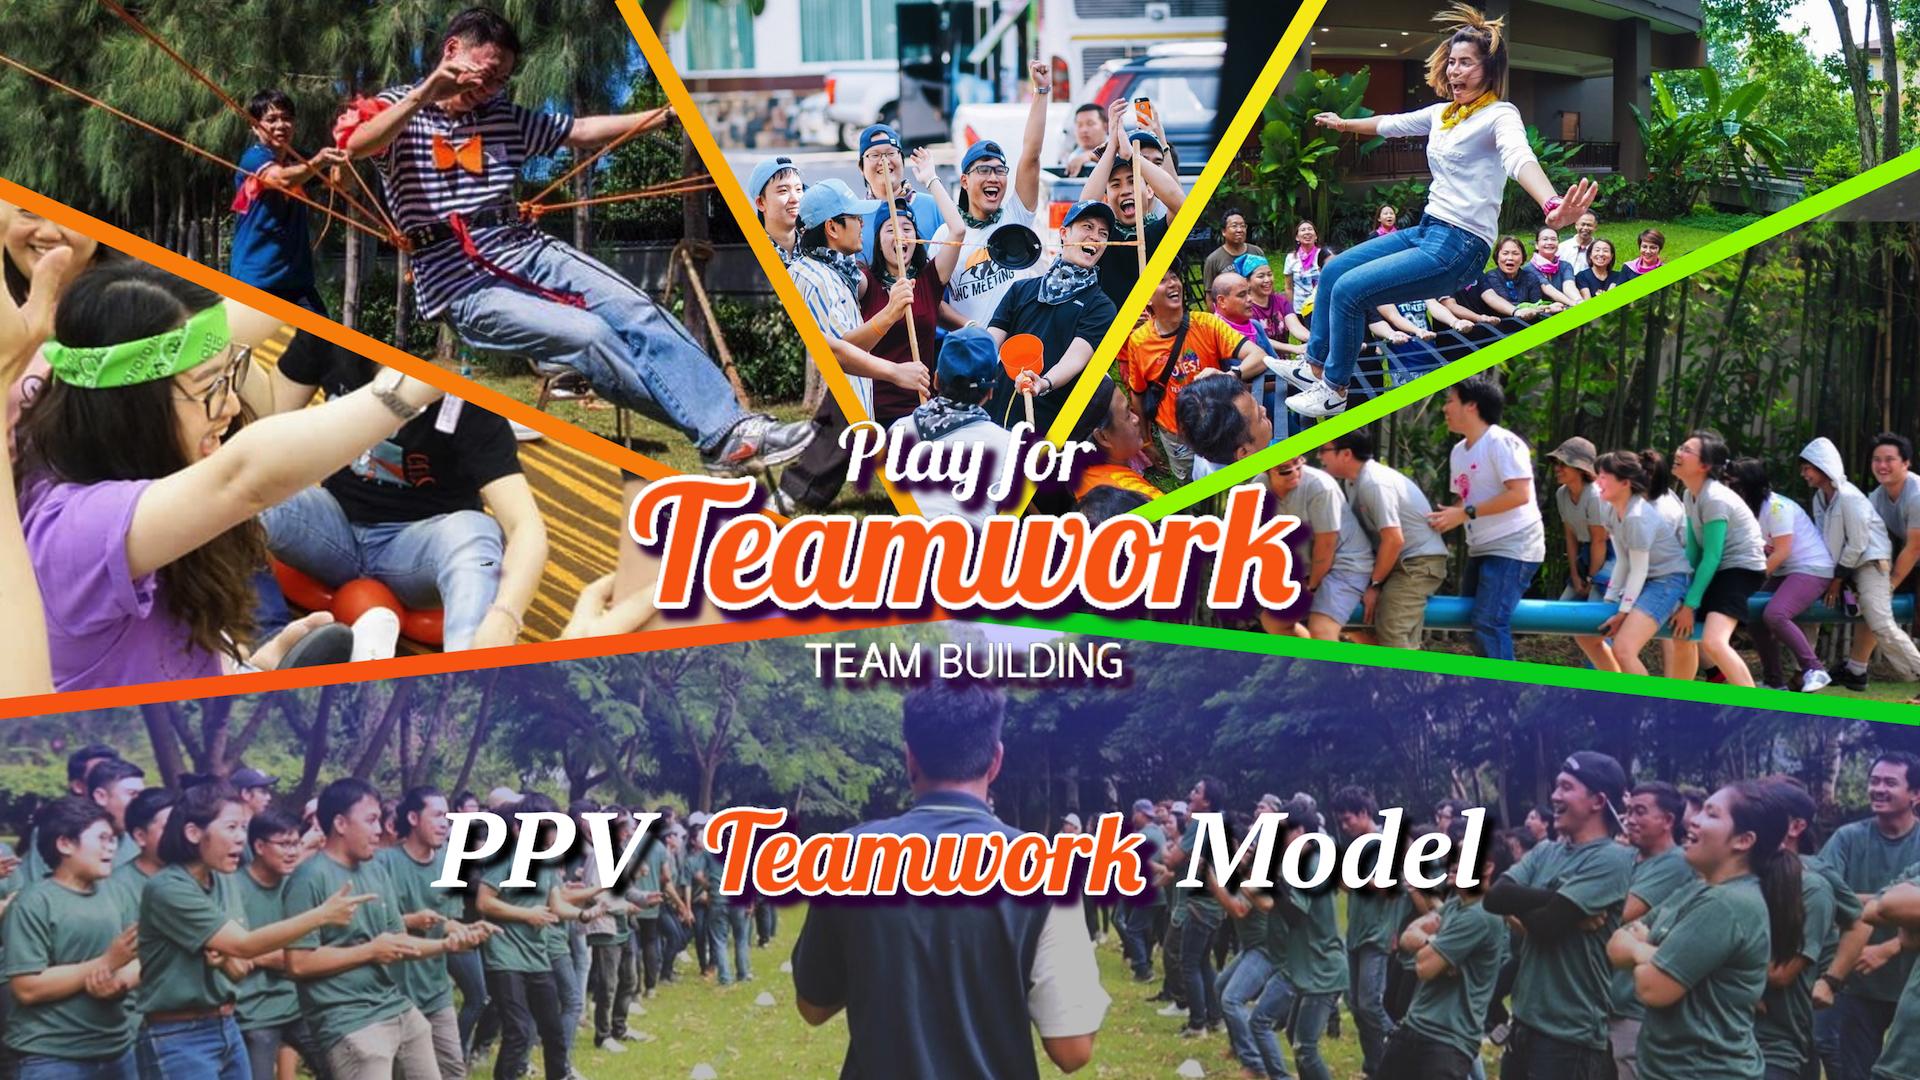 PPV Teamwork Model